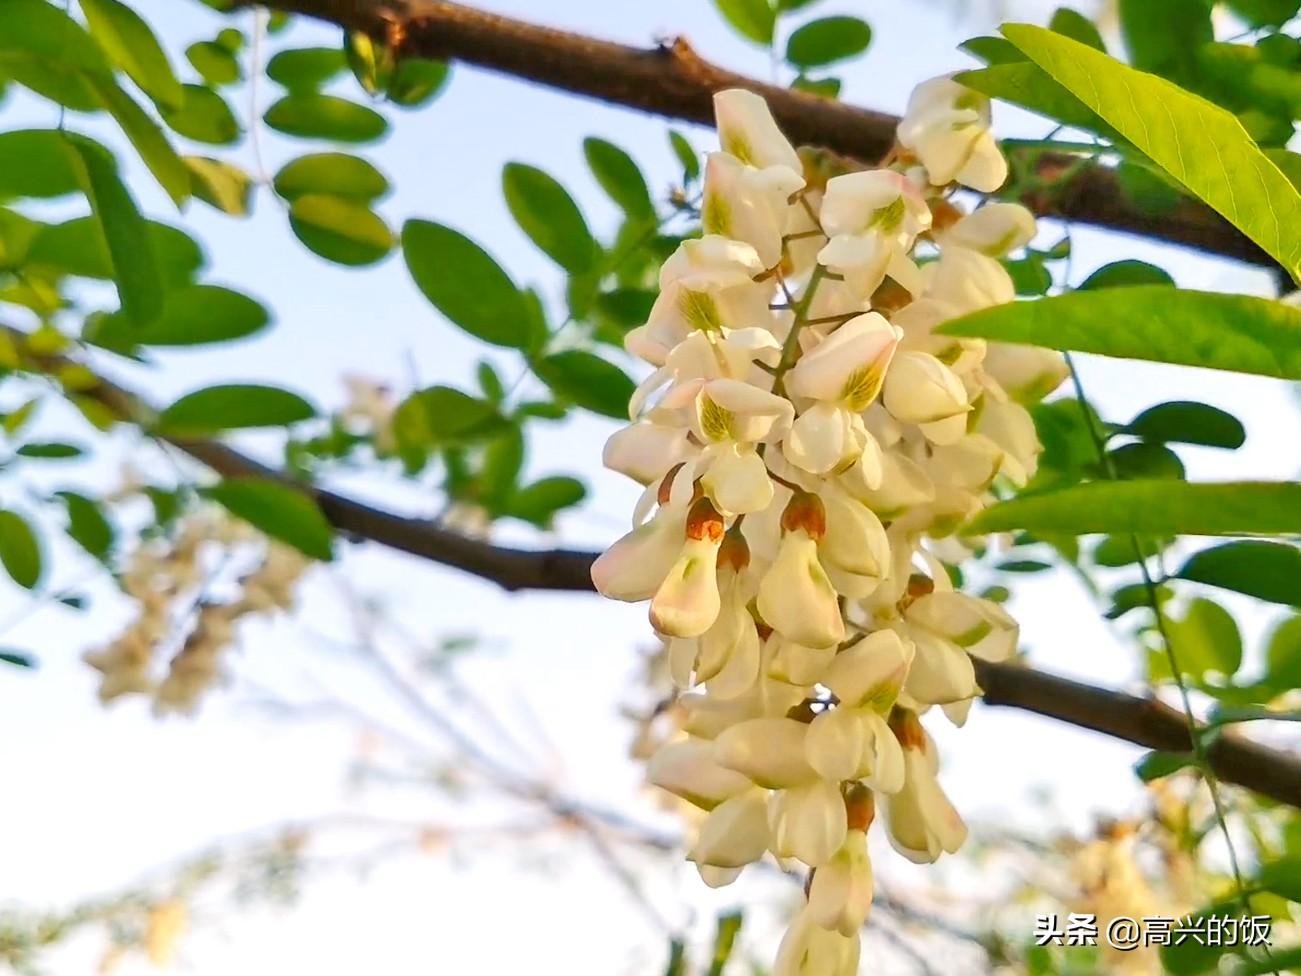 """4月是""""吃花""""的季节,味道清香甘甜,季节性强,早吃早尝鲜 美食做法 第1张"""